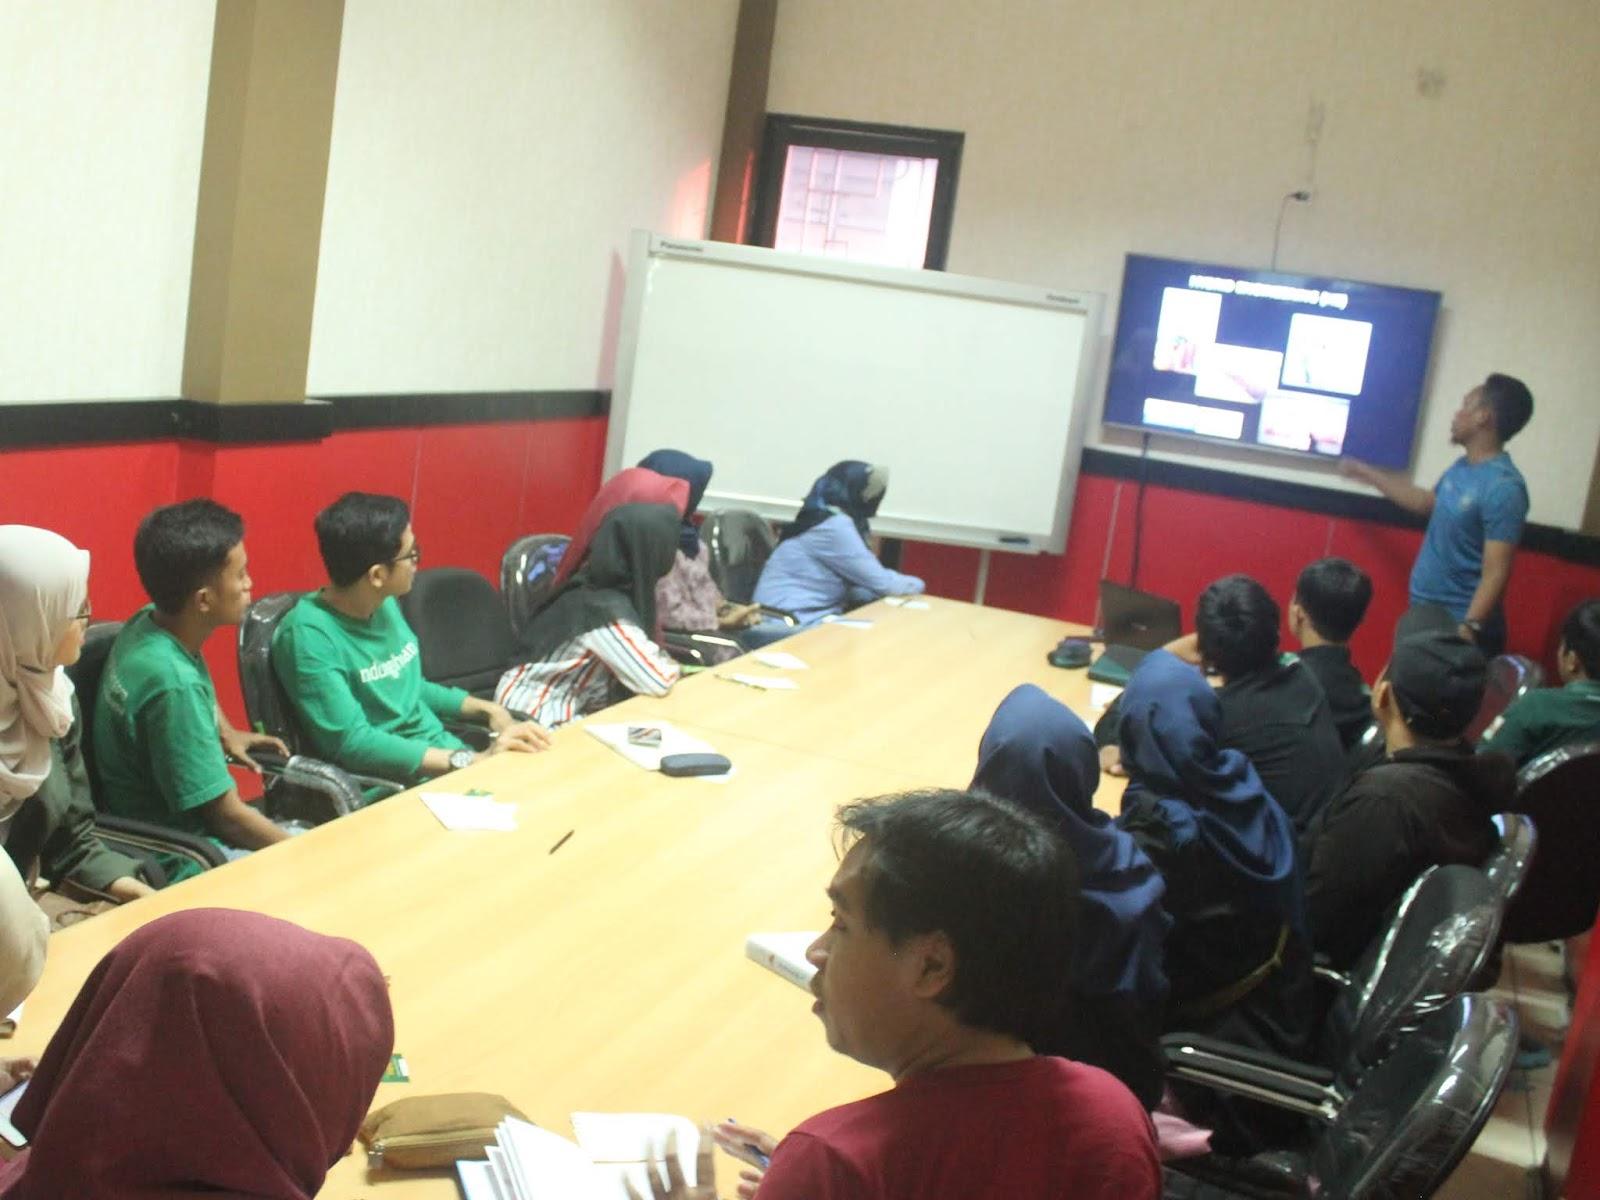 Gelar Mangrover Ngabuburit, KeSEMaT dan IKAMaT Berbagi Informasi dan Data Mangrove Semarang Terkini